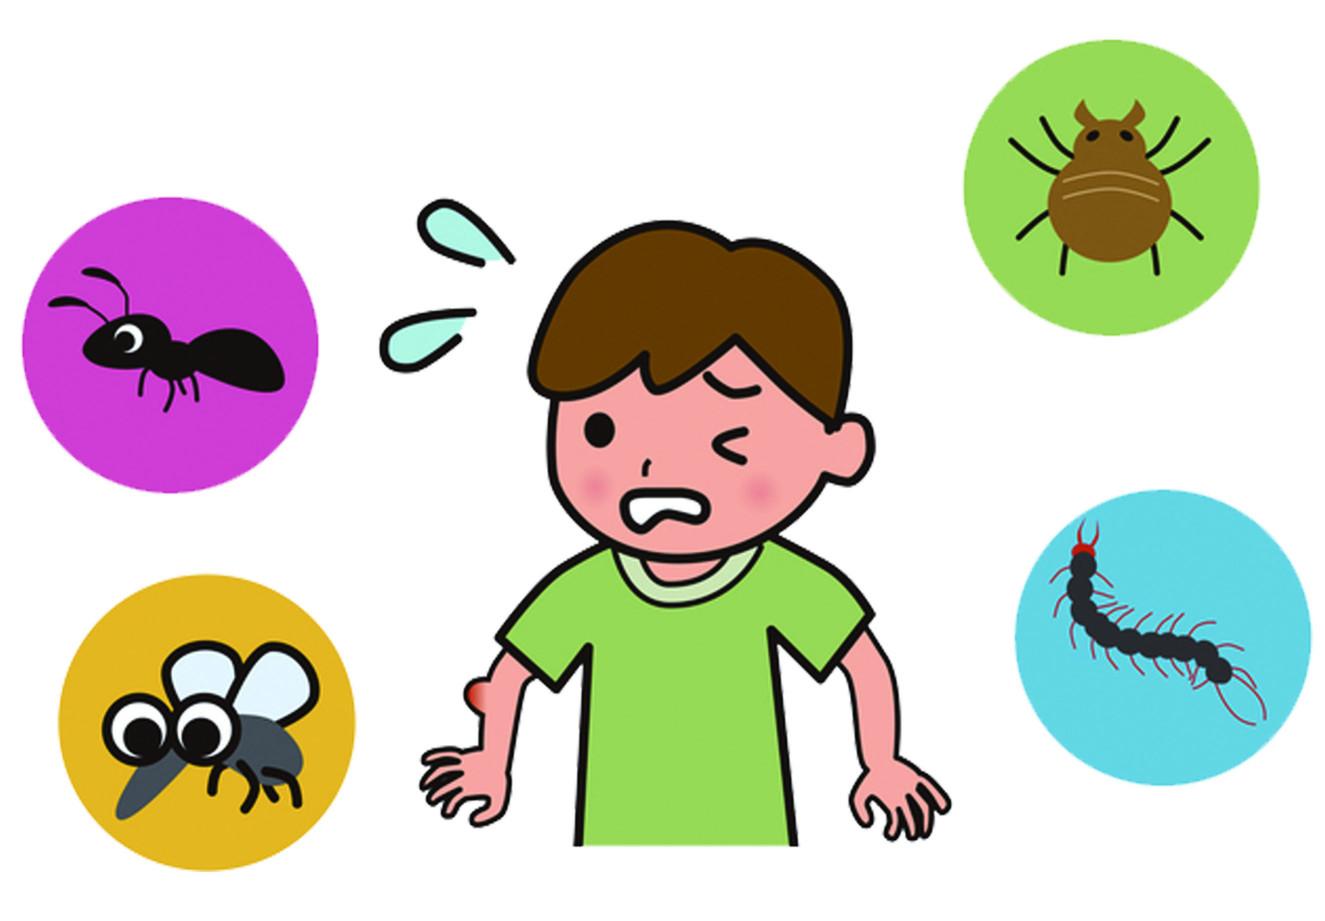 錢鼠以小昆蟲為主食,每天需要大量的獵捕蟲子維生,且需要吃到與自身體重相當的量。 因此,萬一有大量錢鼠孳生,就代表著此處有大量的食物,也就是各式的昆蟲。 這樣的情況可不得輕忽,即便錢鼠不太啃咬物品造成損失,但牠們的獵物會。